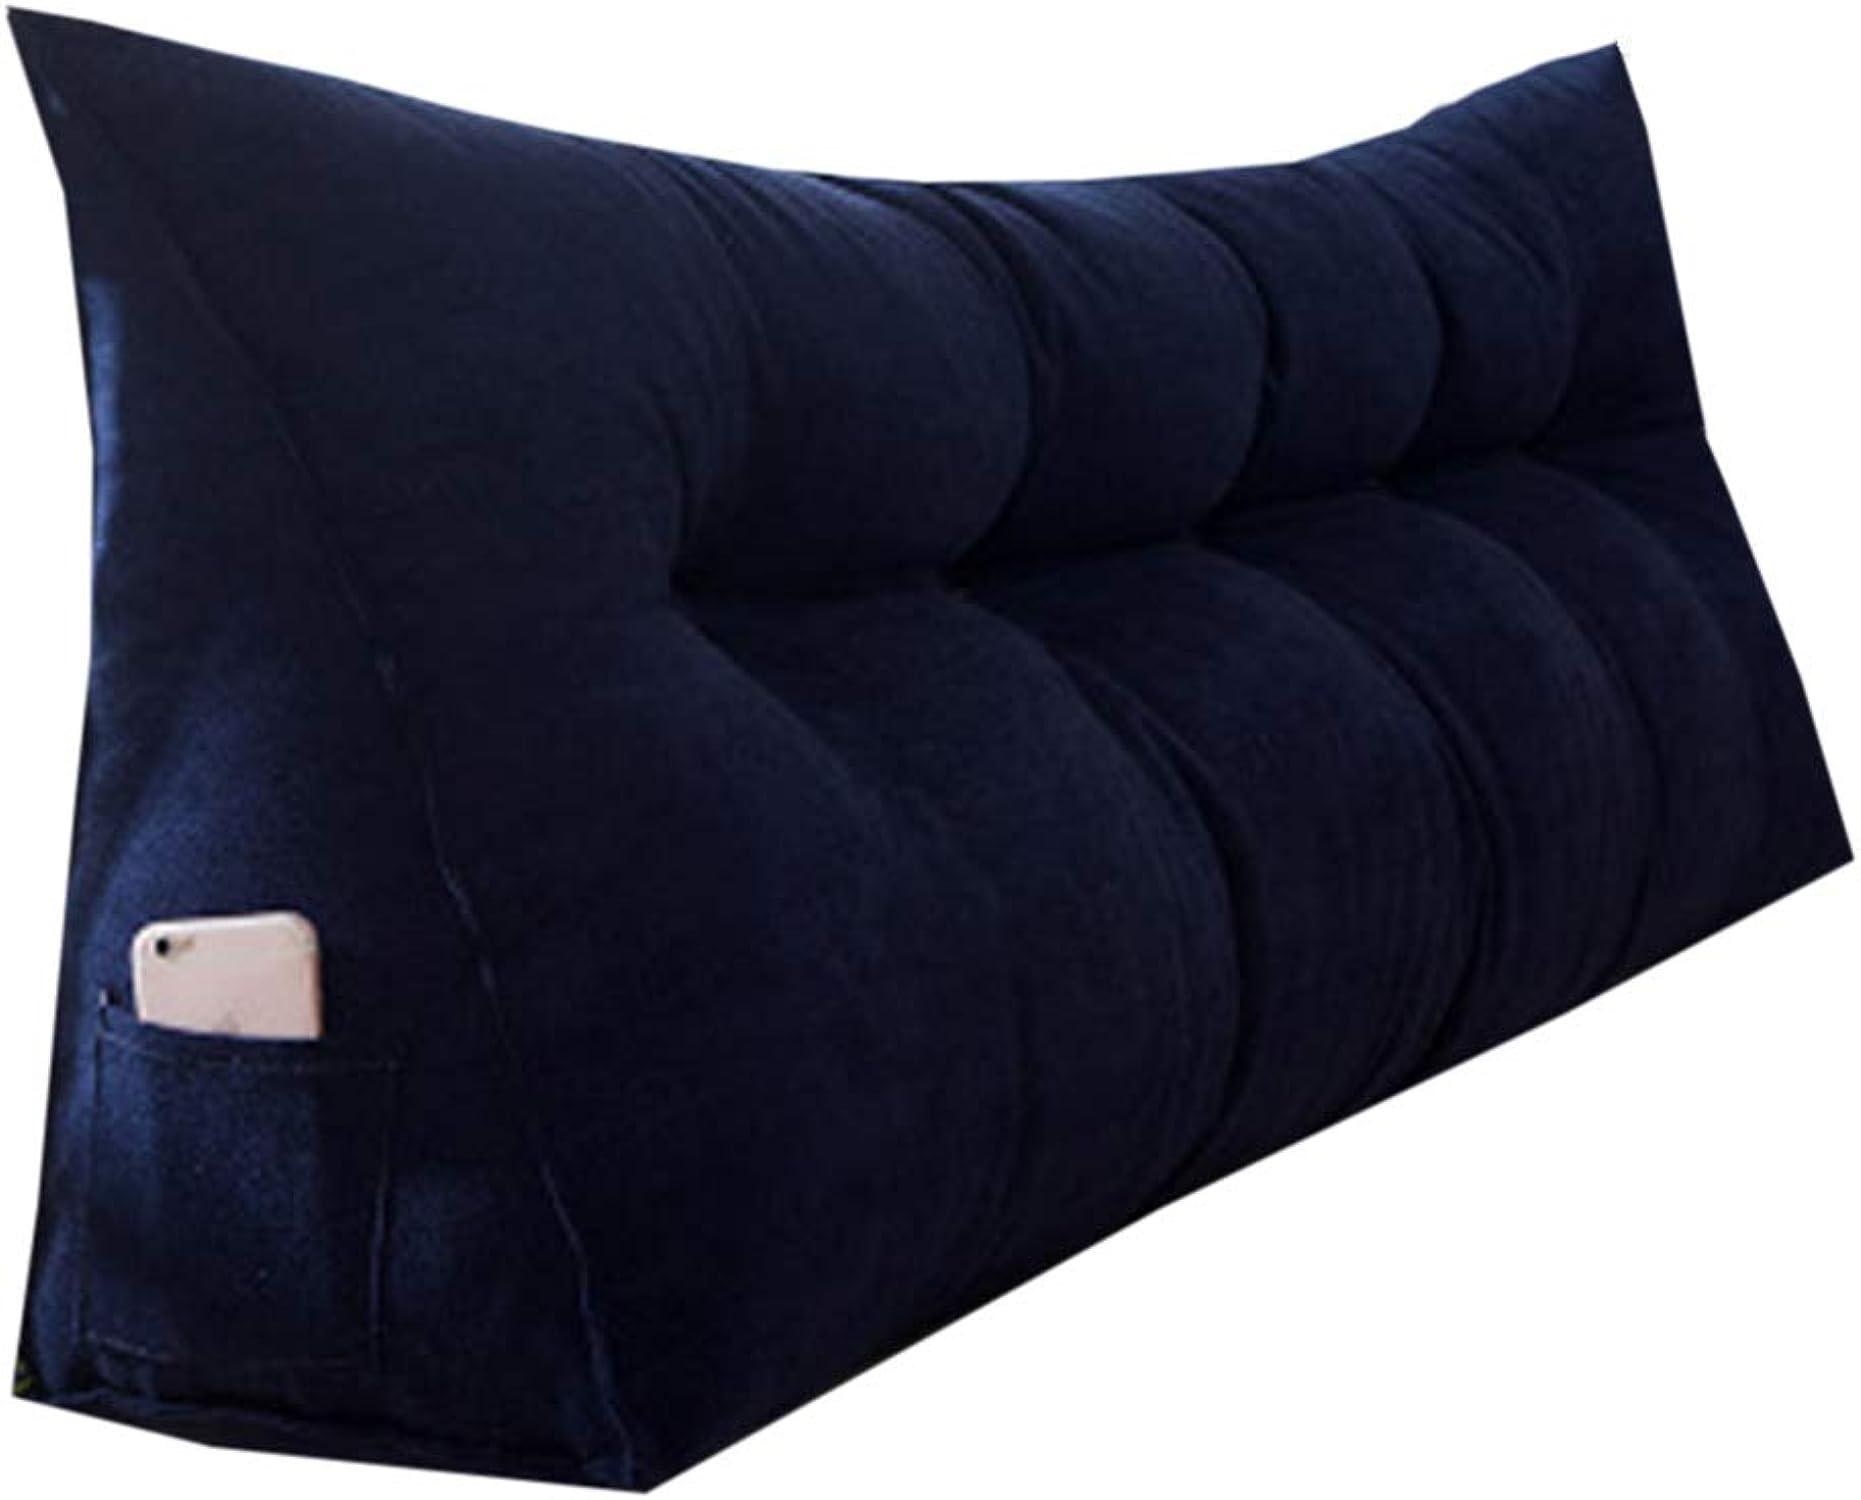 JYW-kaodian Tête De Lit Coussin Wedge PilFaible Housses, Coussin Triangle de Chevet Chambre Double Canapé Sac Souple Amovible Disponible en 3 Couleurs, 7 Tailles,bleu,80  23  45cm